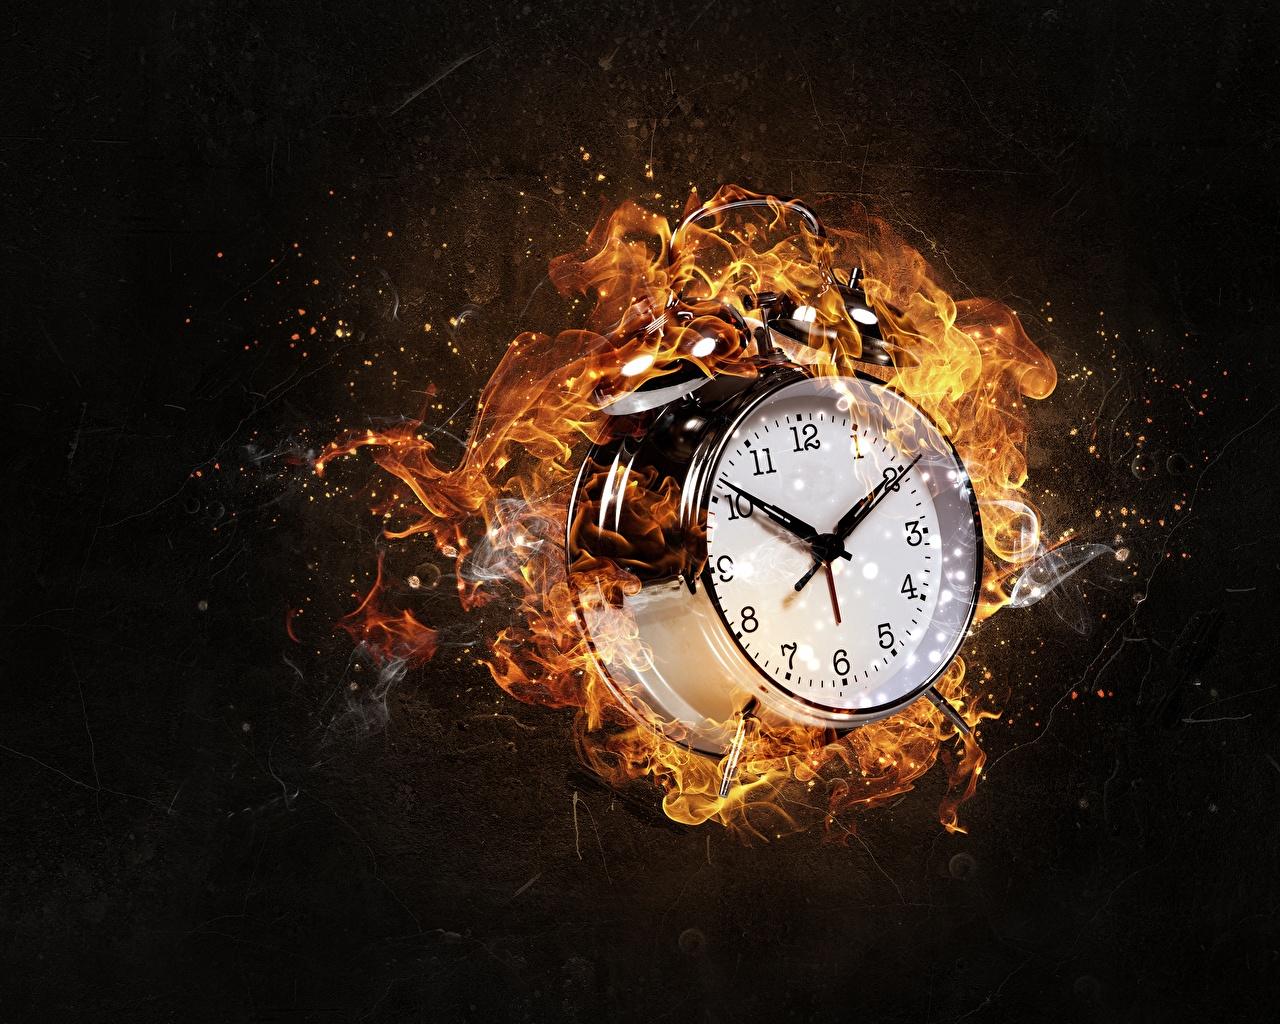 Фотографии Часы пламя Будильник Циферблат Черный фон Огонь на черном фоне